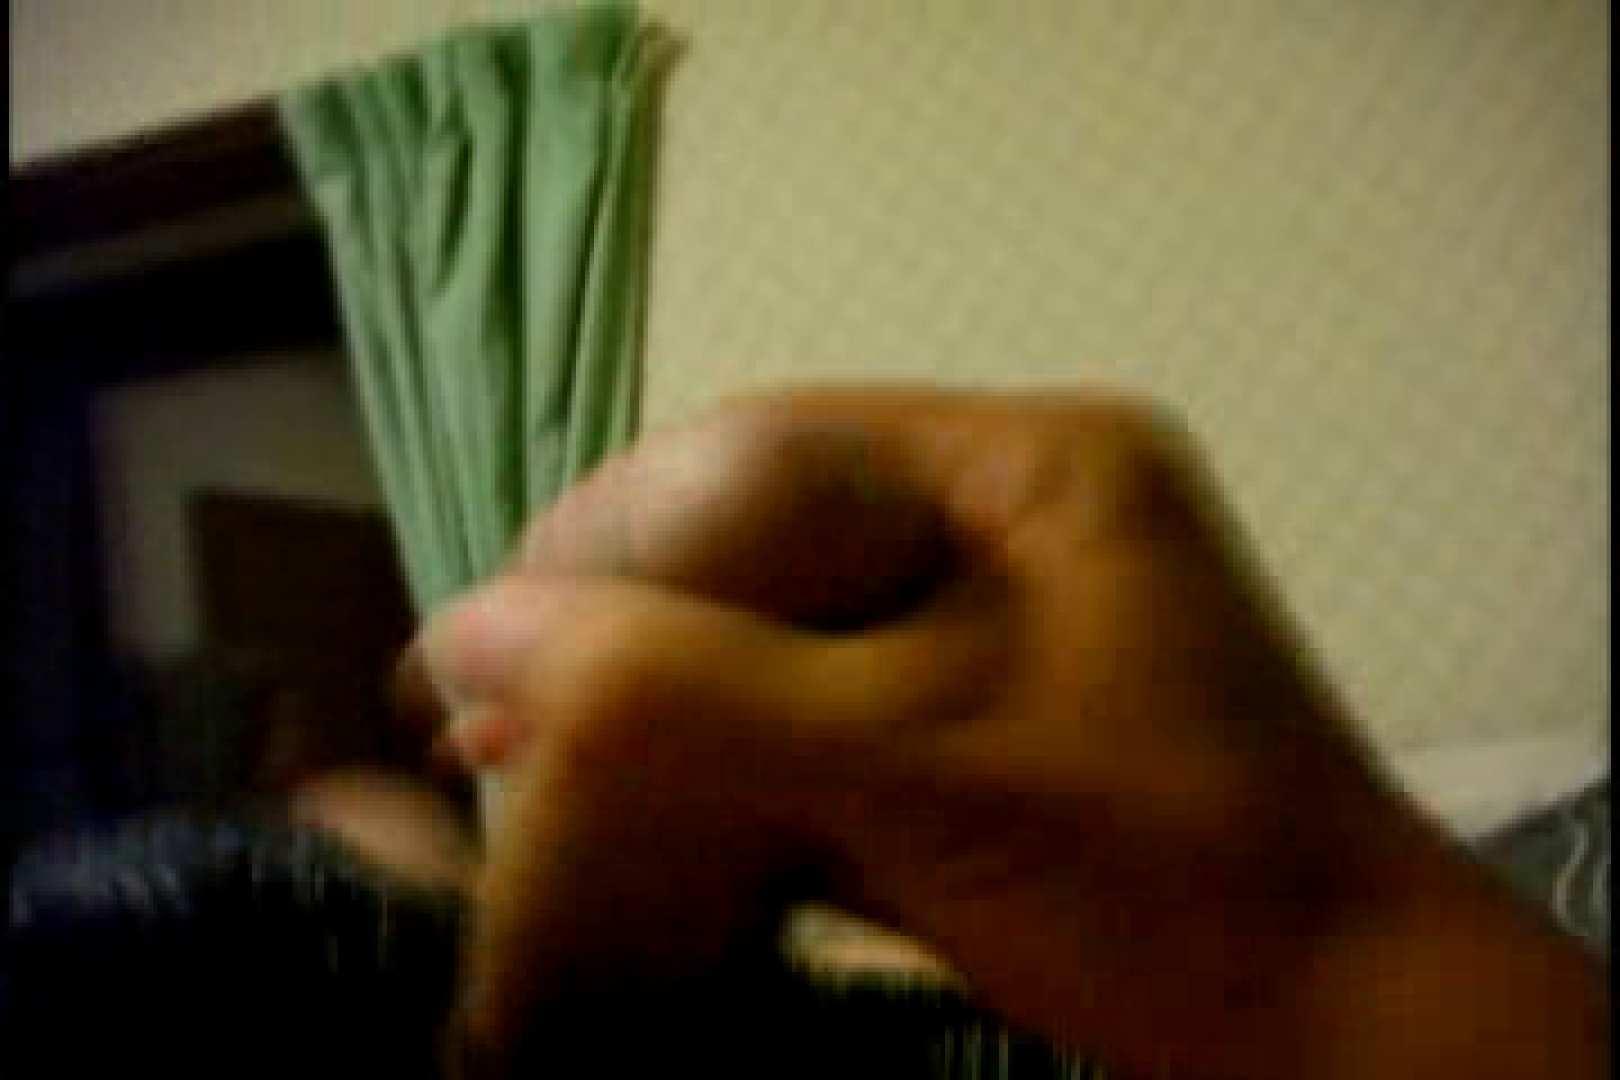 オナ好きノンケテニス部員の自画撮り投稿vol.05 オナニー 男同士動画 64pic 20